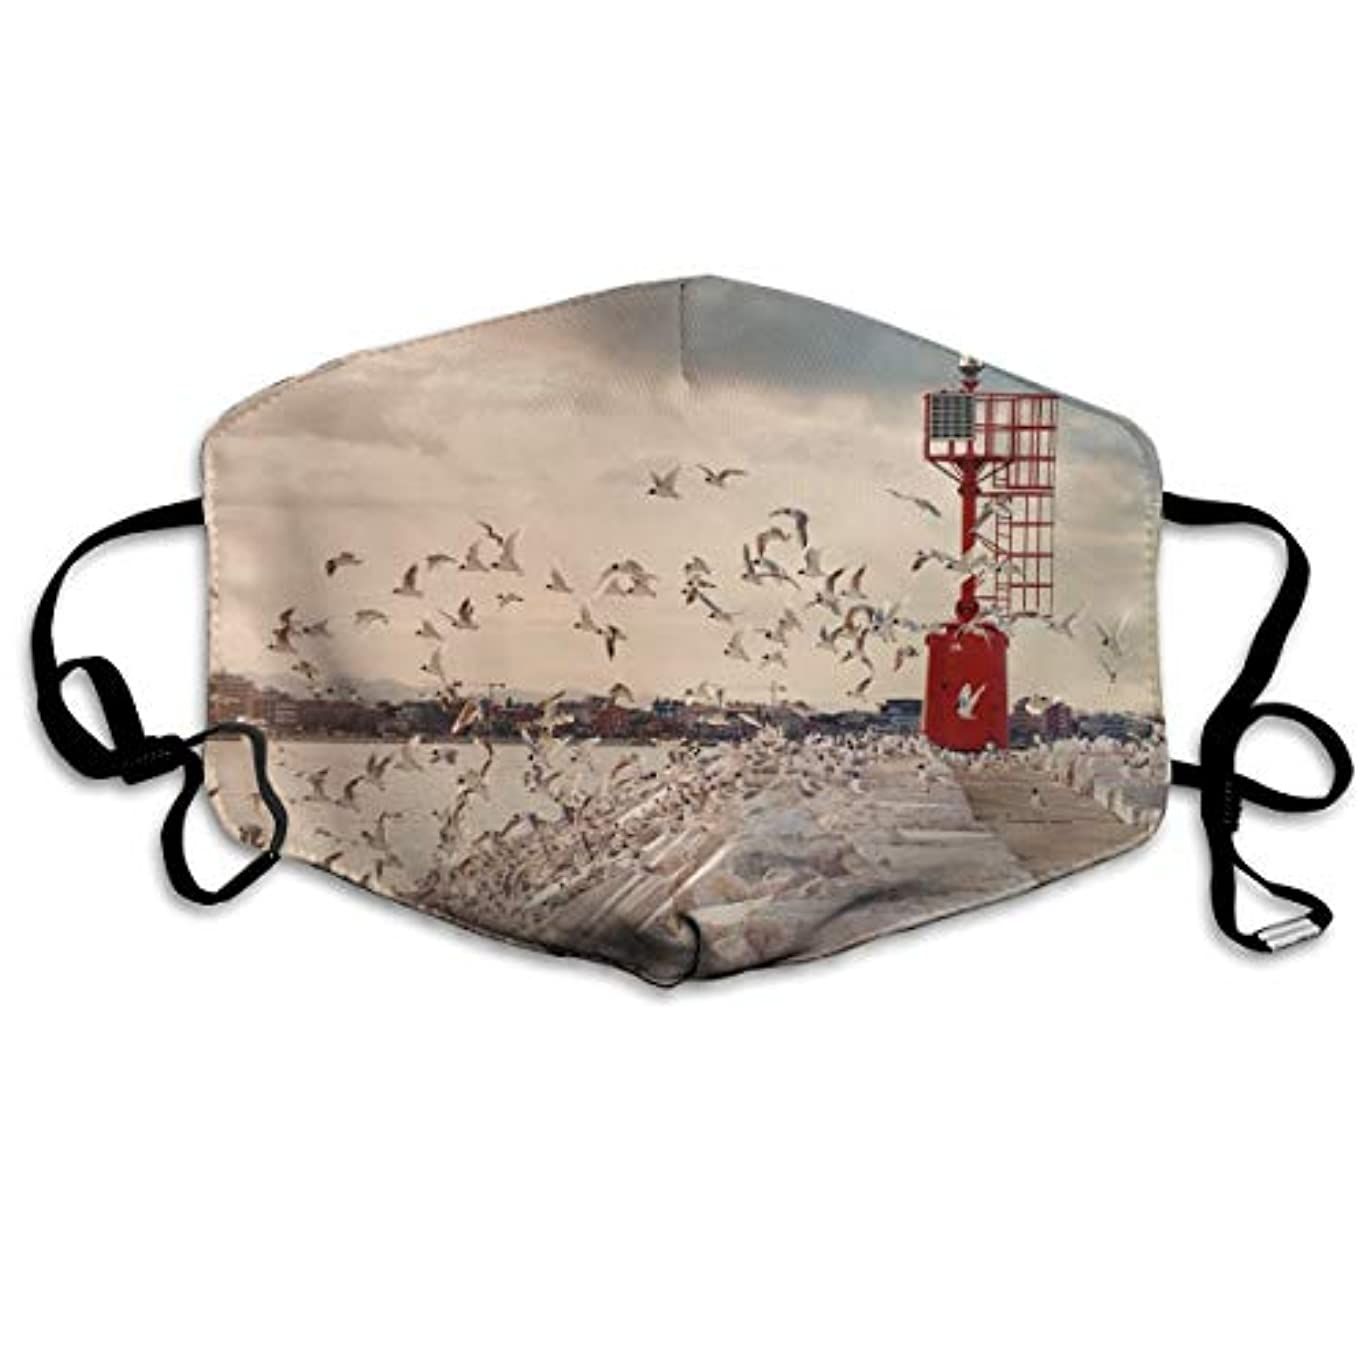 紀元前成長かまどBeach Bird KOUZH マスク マルチガードマスク 洗える 男女兼用 カップル 花粉対策 風邪 防塵 抗菌 防寒 おしゃれ ファッション UVカット 消臭 汚れ分解 立体 レギュラーサイズ ほこり 小顔 インフルエンザ...